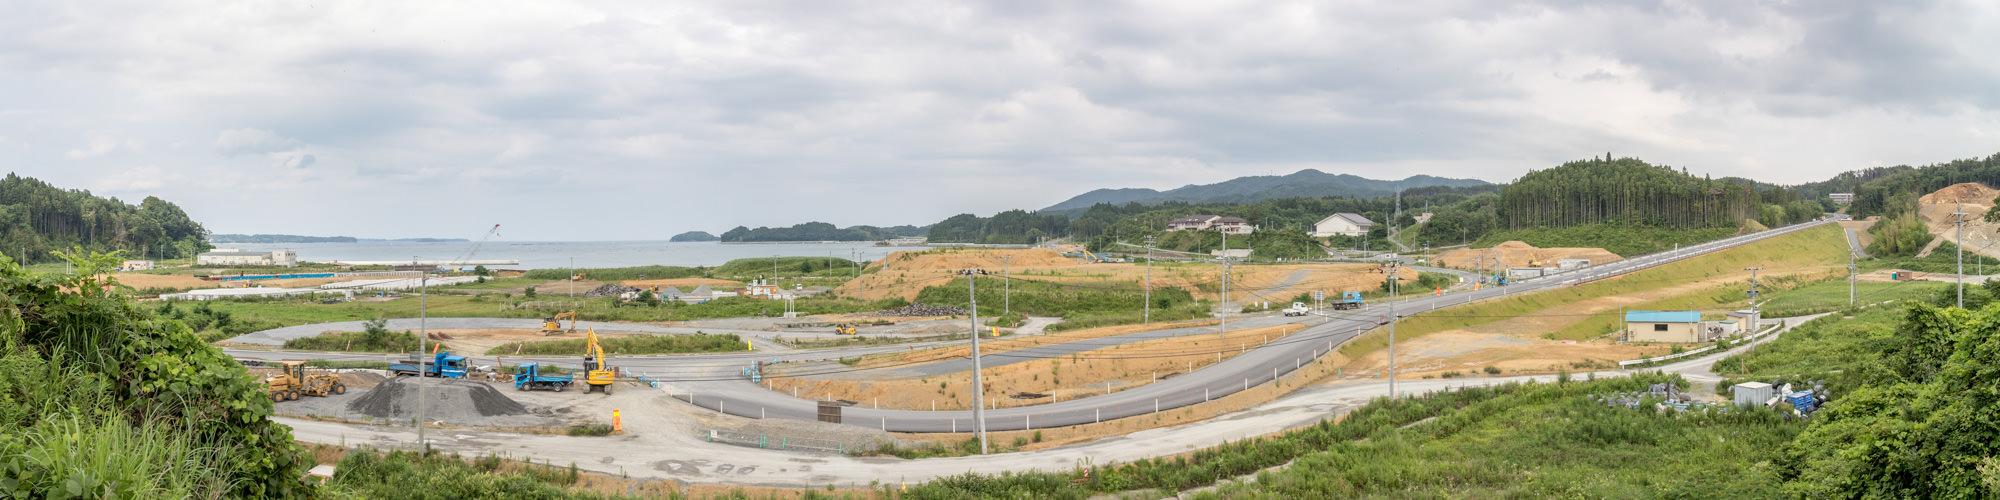 2016年7月15日/戸倉地区